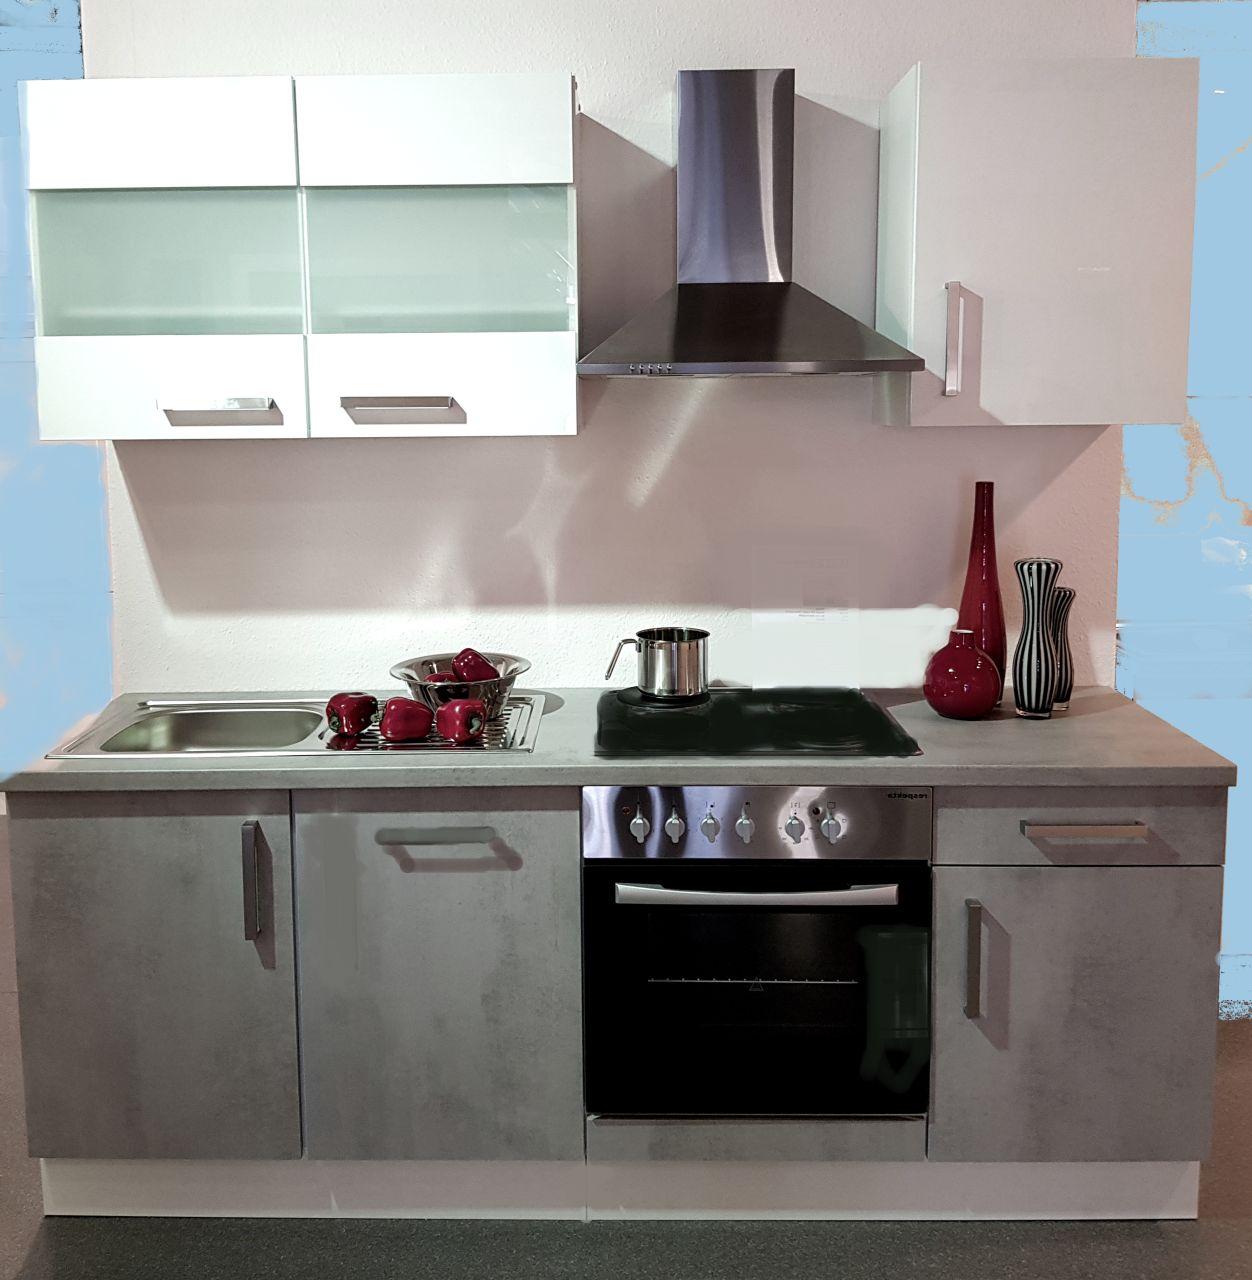 Einbauküchen - Einbauküche MANKAFLEX 8 Schiefergrau Weiß Hochglanz Küchenzeile 220 cm ohne...  - Onlineshop Manka Möbel